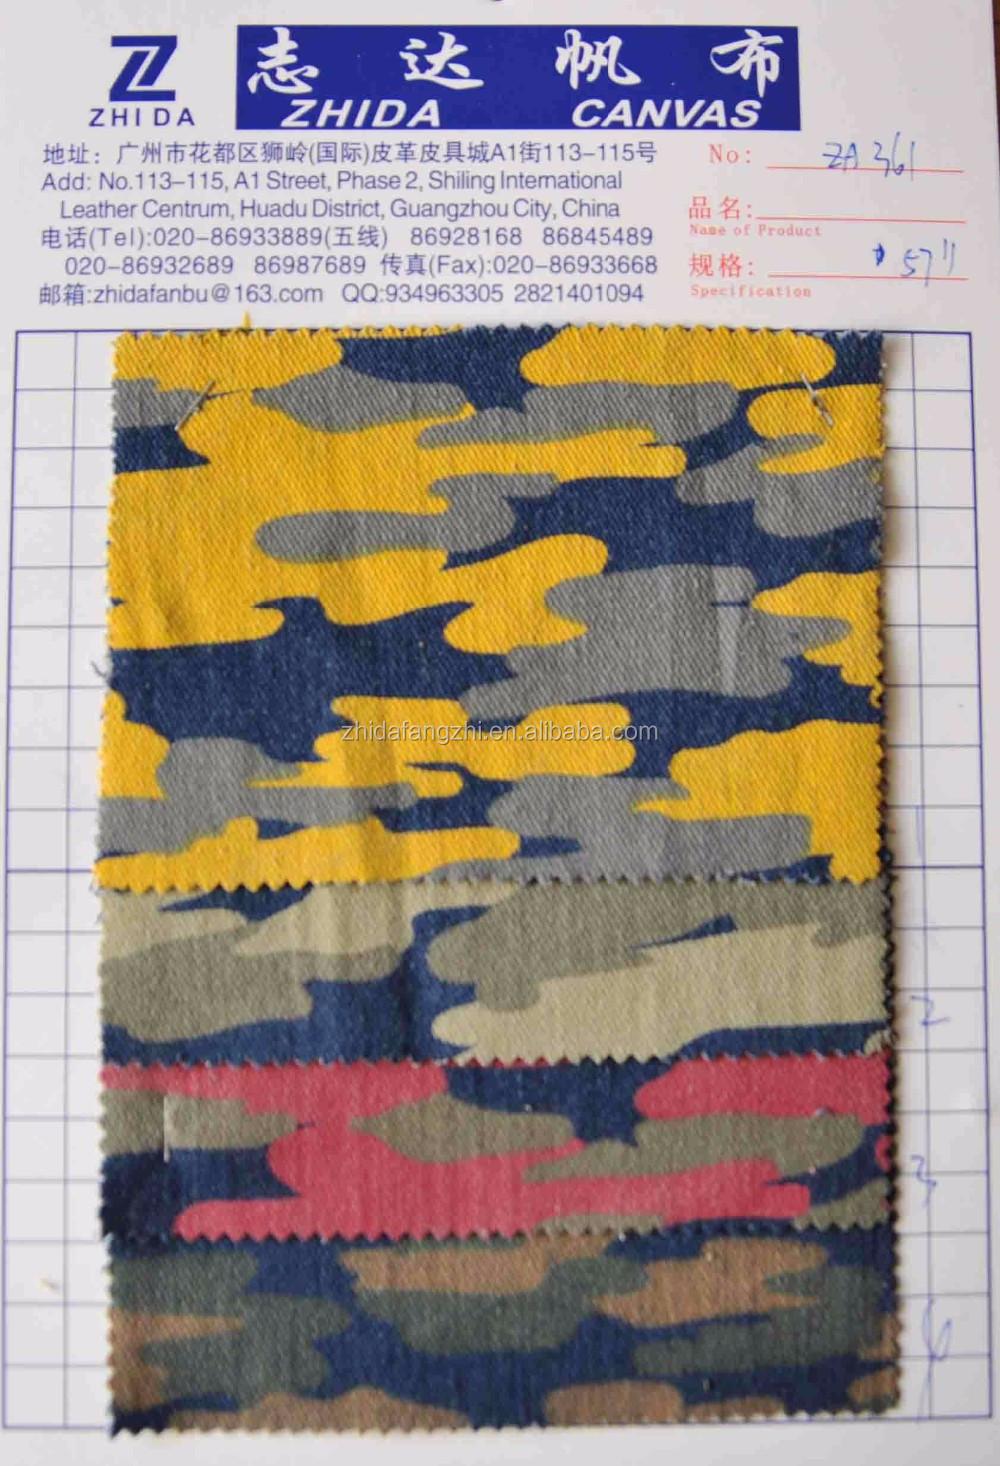 Jacquard Knitting Fabric Camo Jacquard Denim Fabric In Stock ...